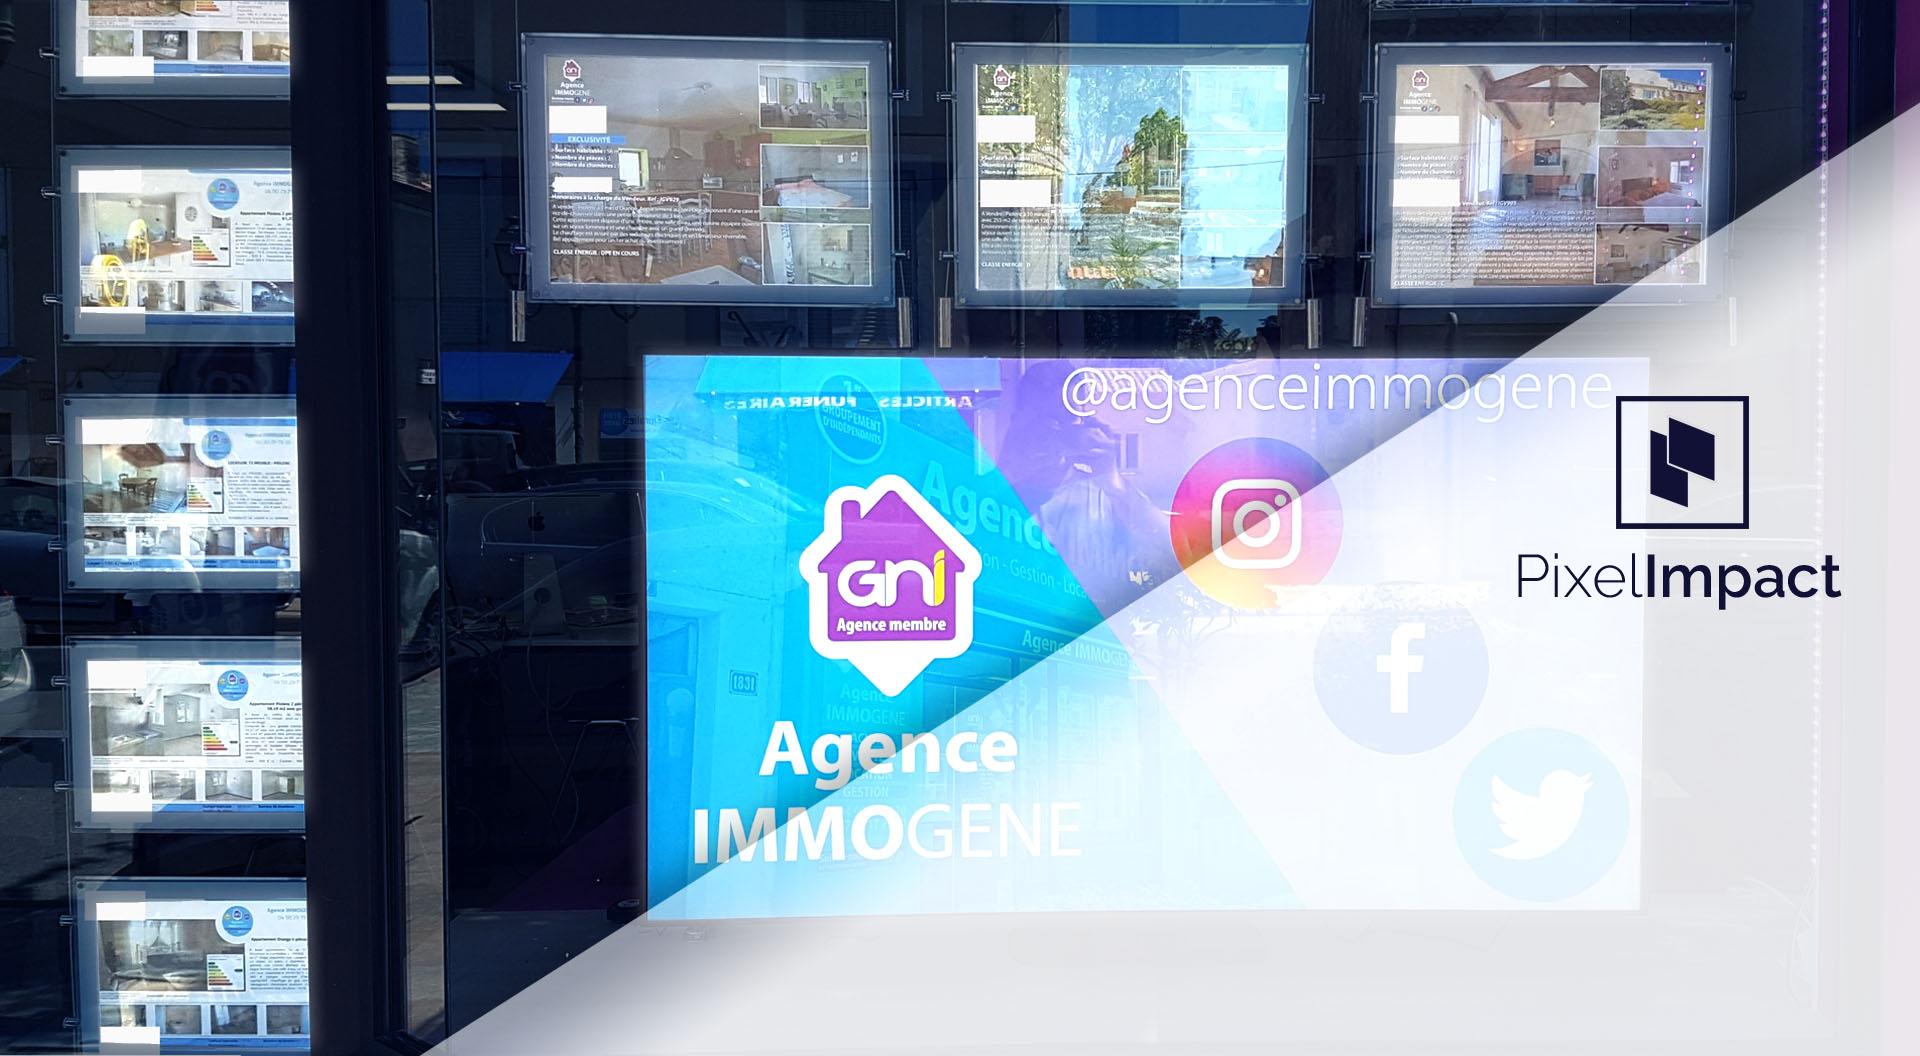 Affichage dynamique Pixel Impact écran vitrine digitale Agence immobilière IMMOGENE